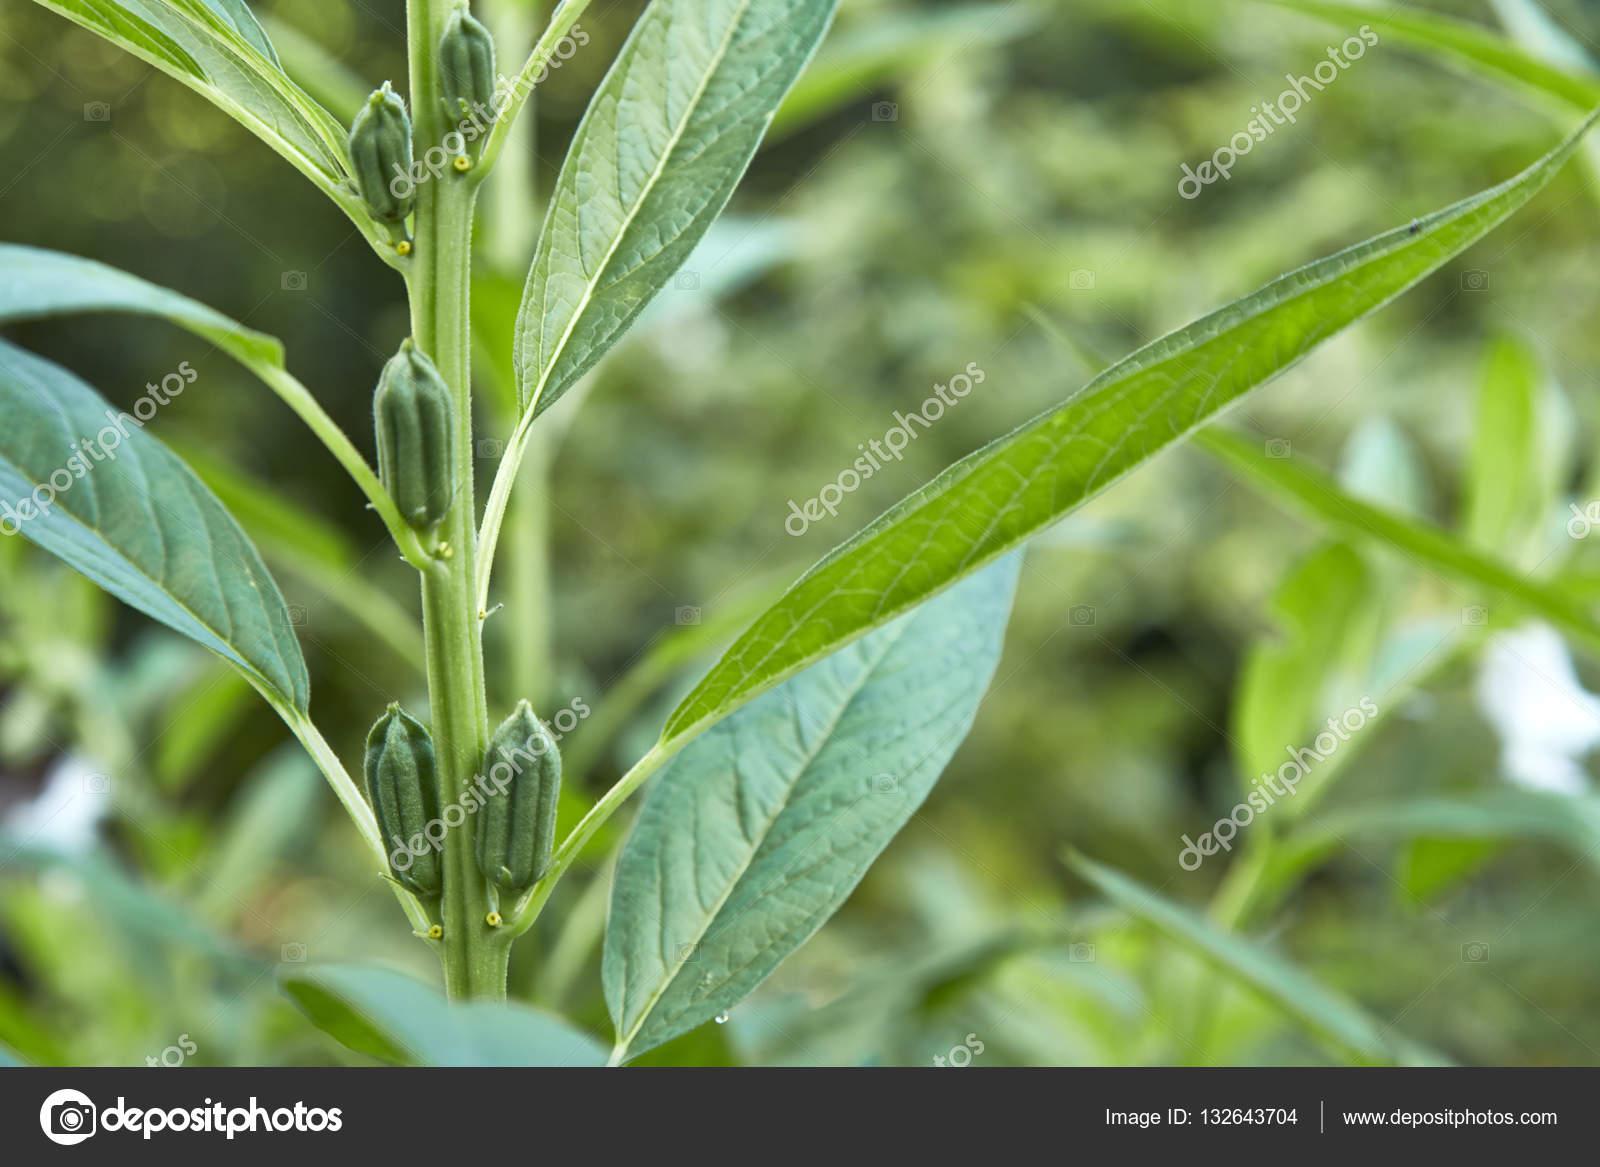 Gemeinsame Sesam-Pflanzen mit Blüte — Stockfoto © pongans68@gmail.com #132643704 @YX_86